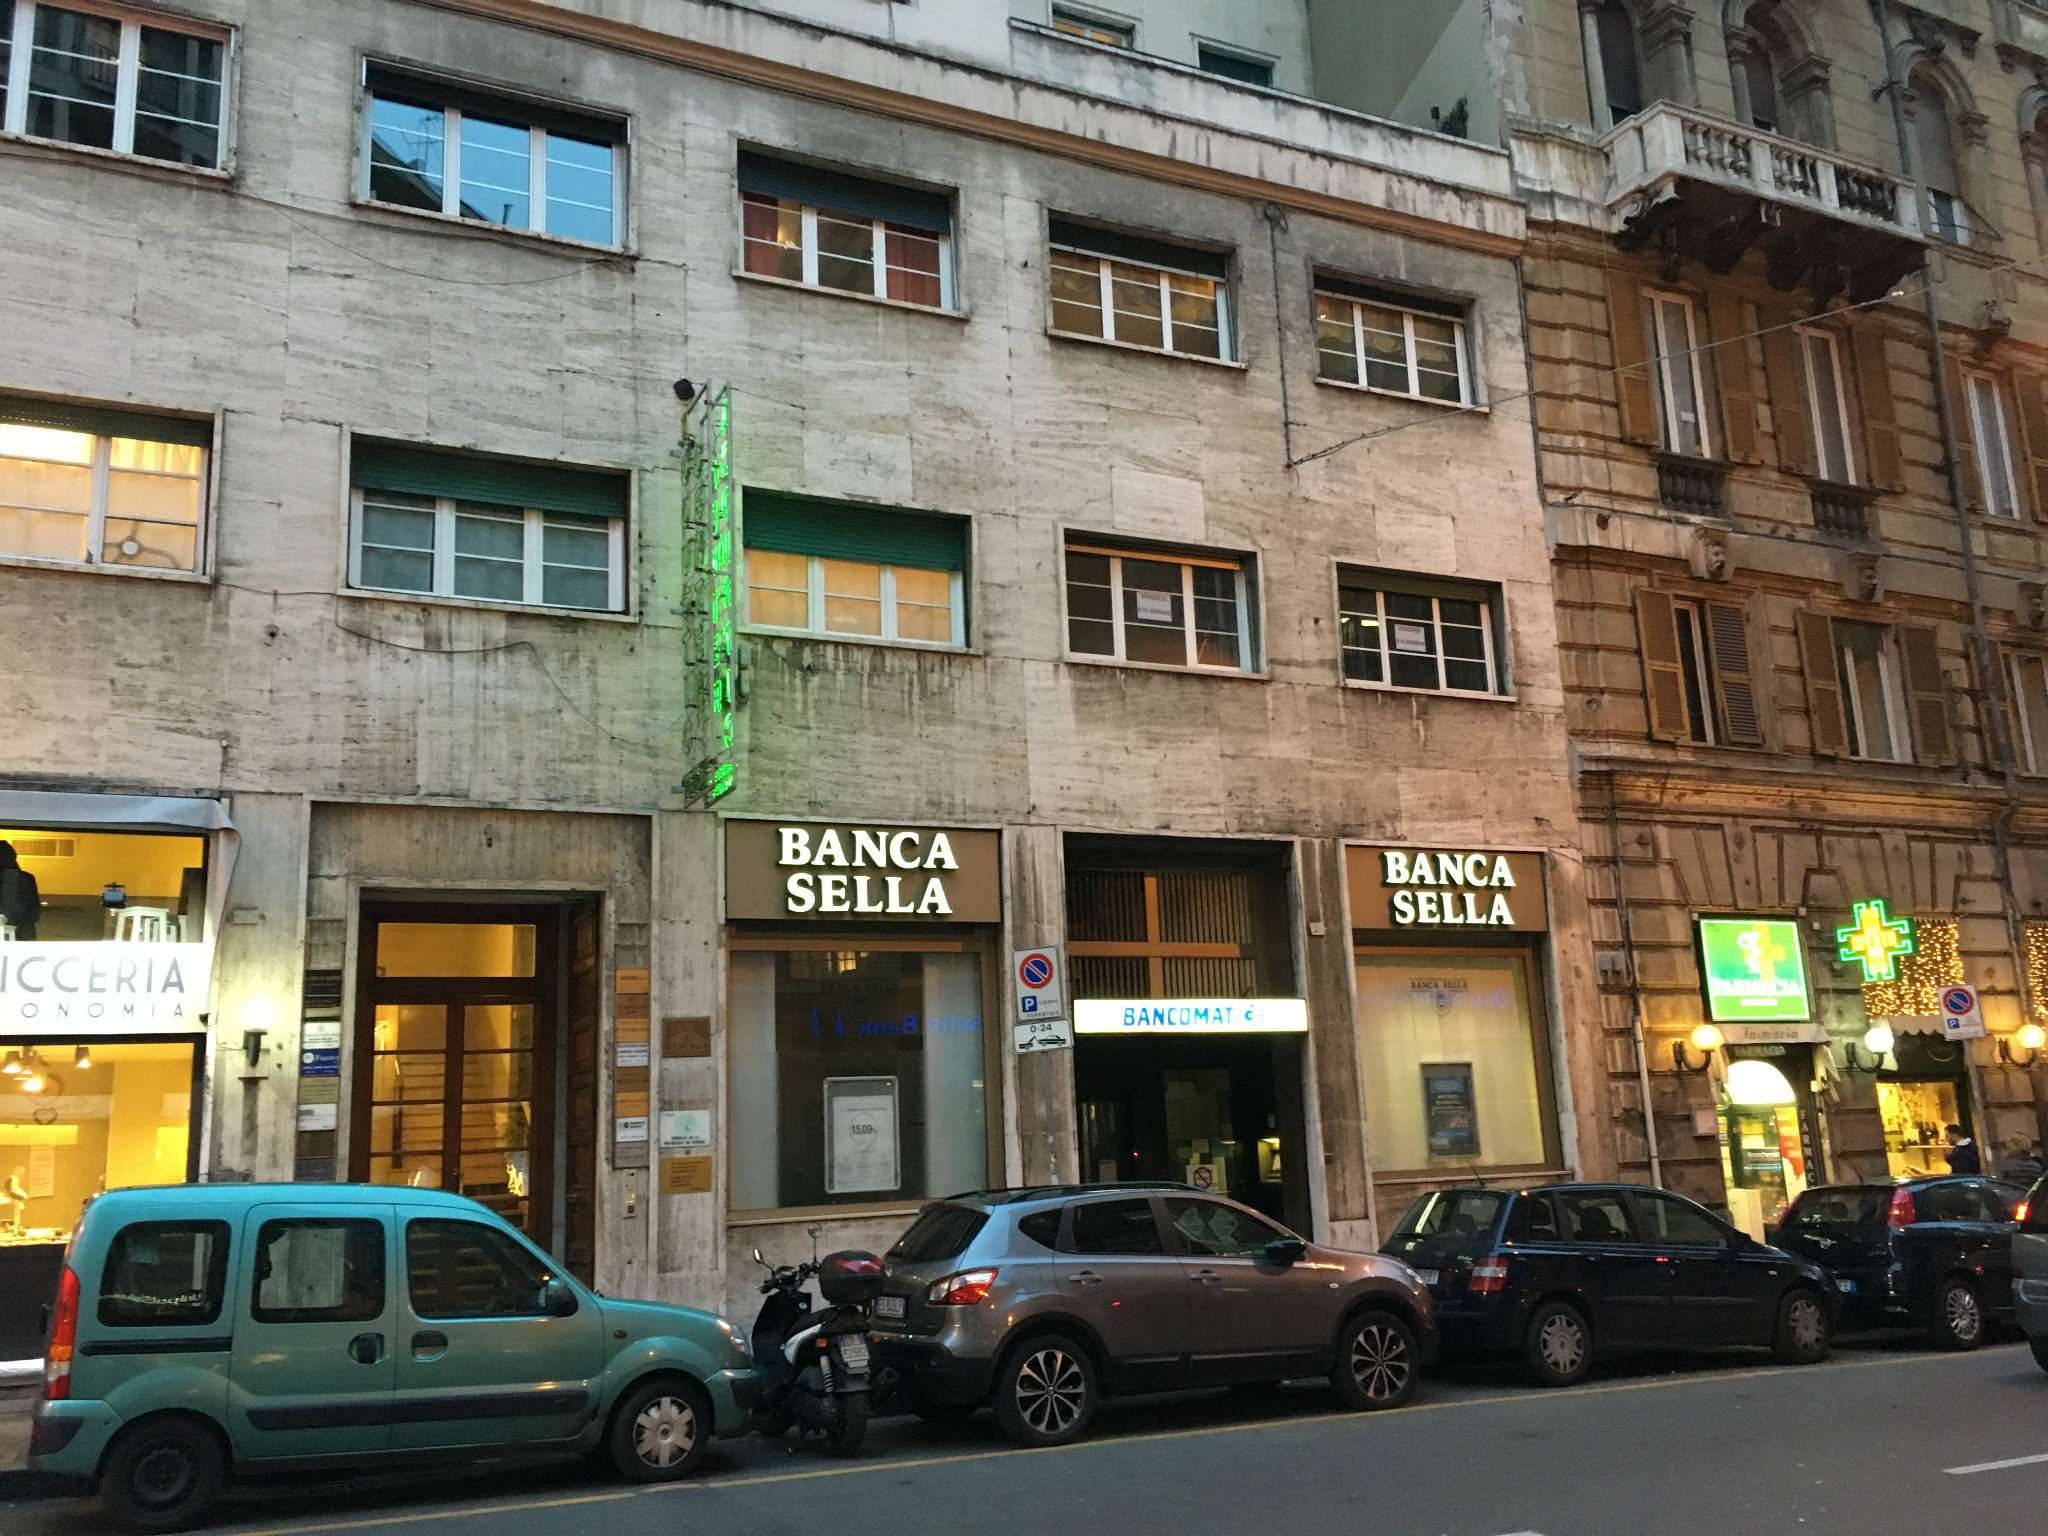 Ufficio / Studio in vendita a Genova, 9999 locali, zona Zona: 1 . Centro, Centro Storico, prezzo € 235.000 | Cambio Casa.it